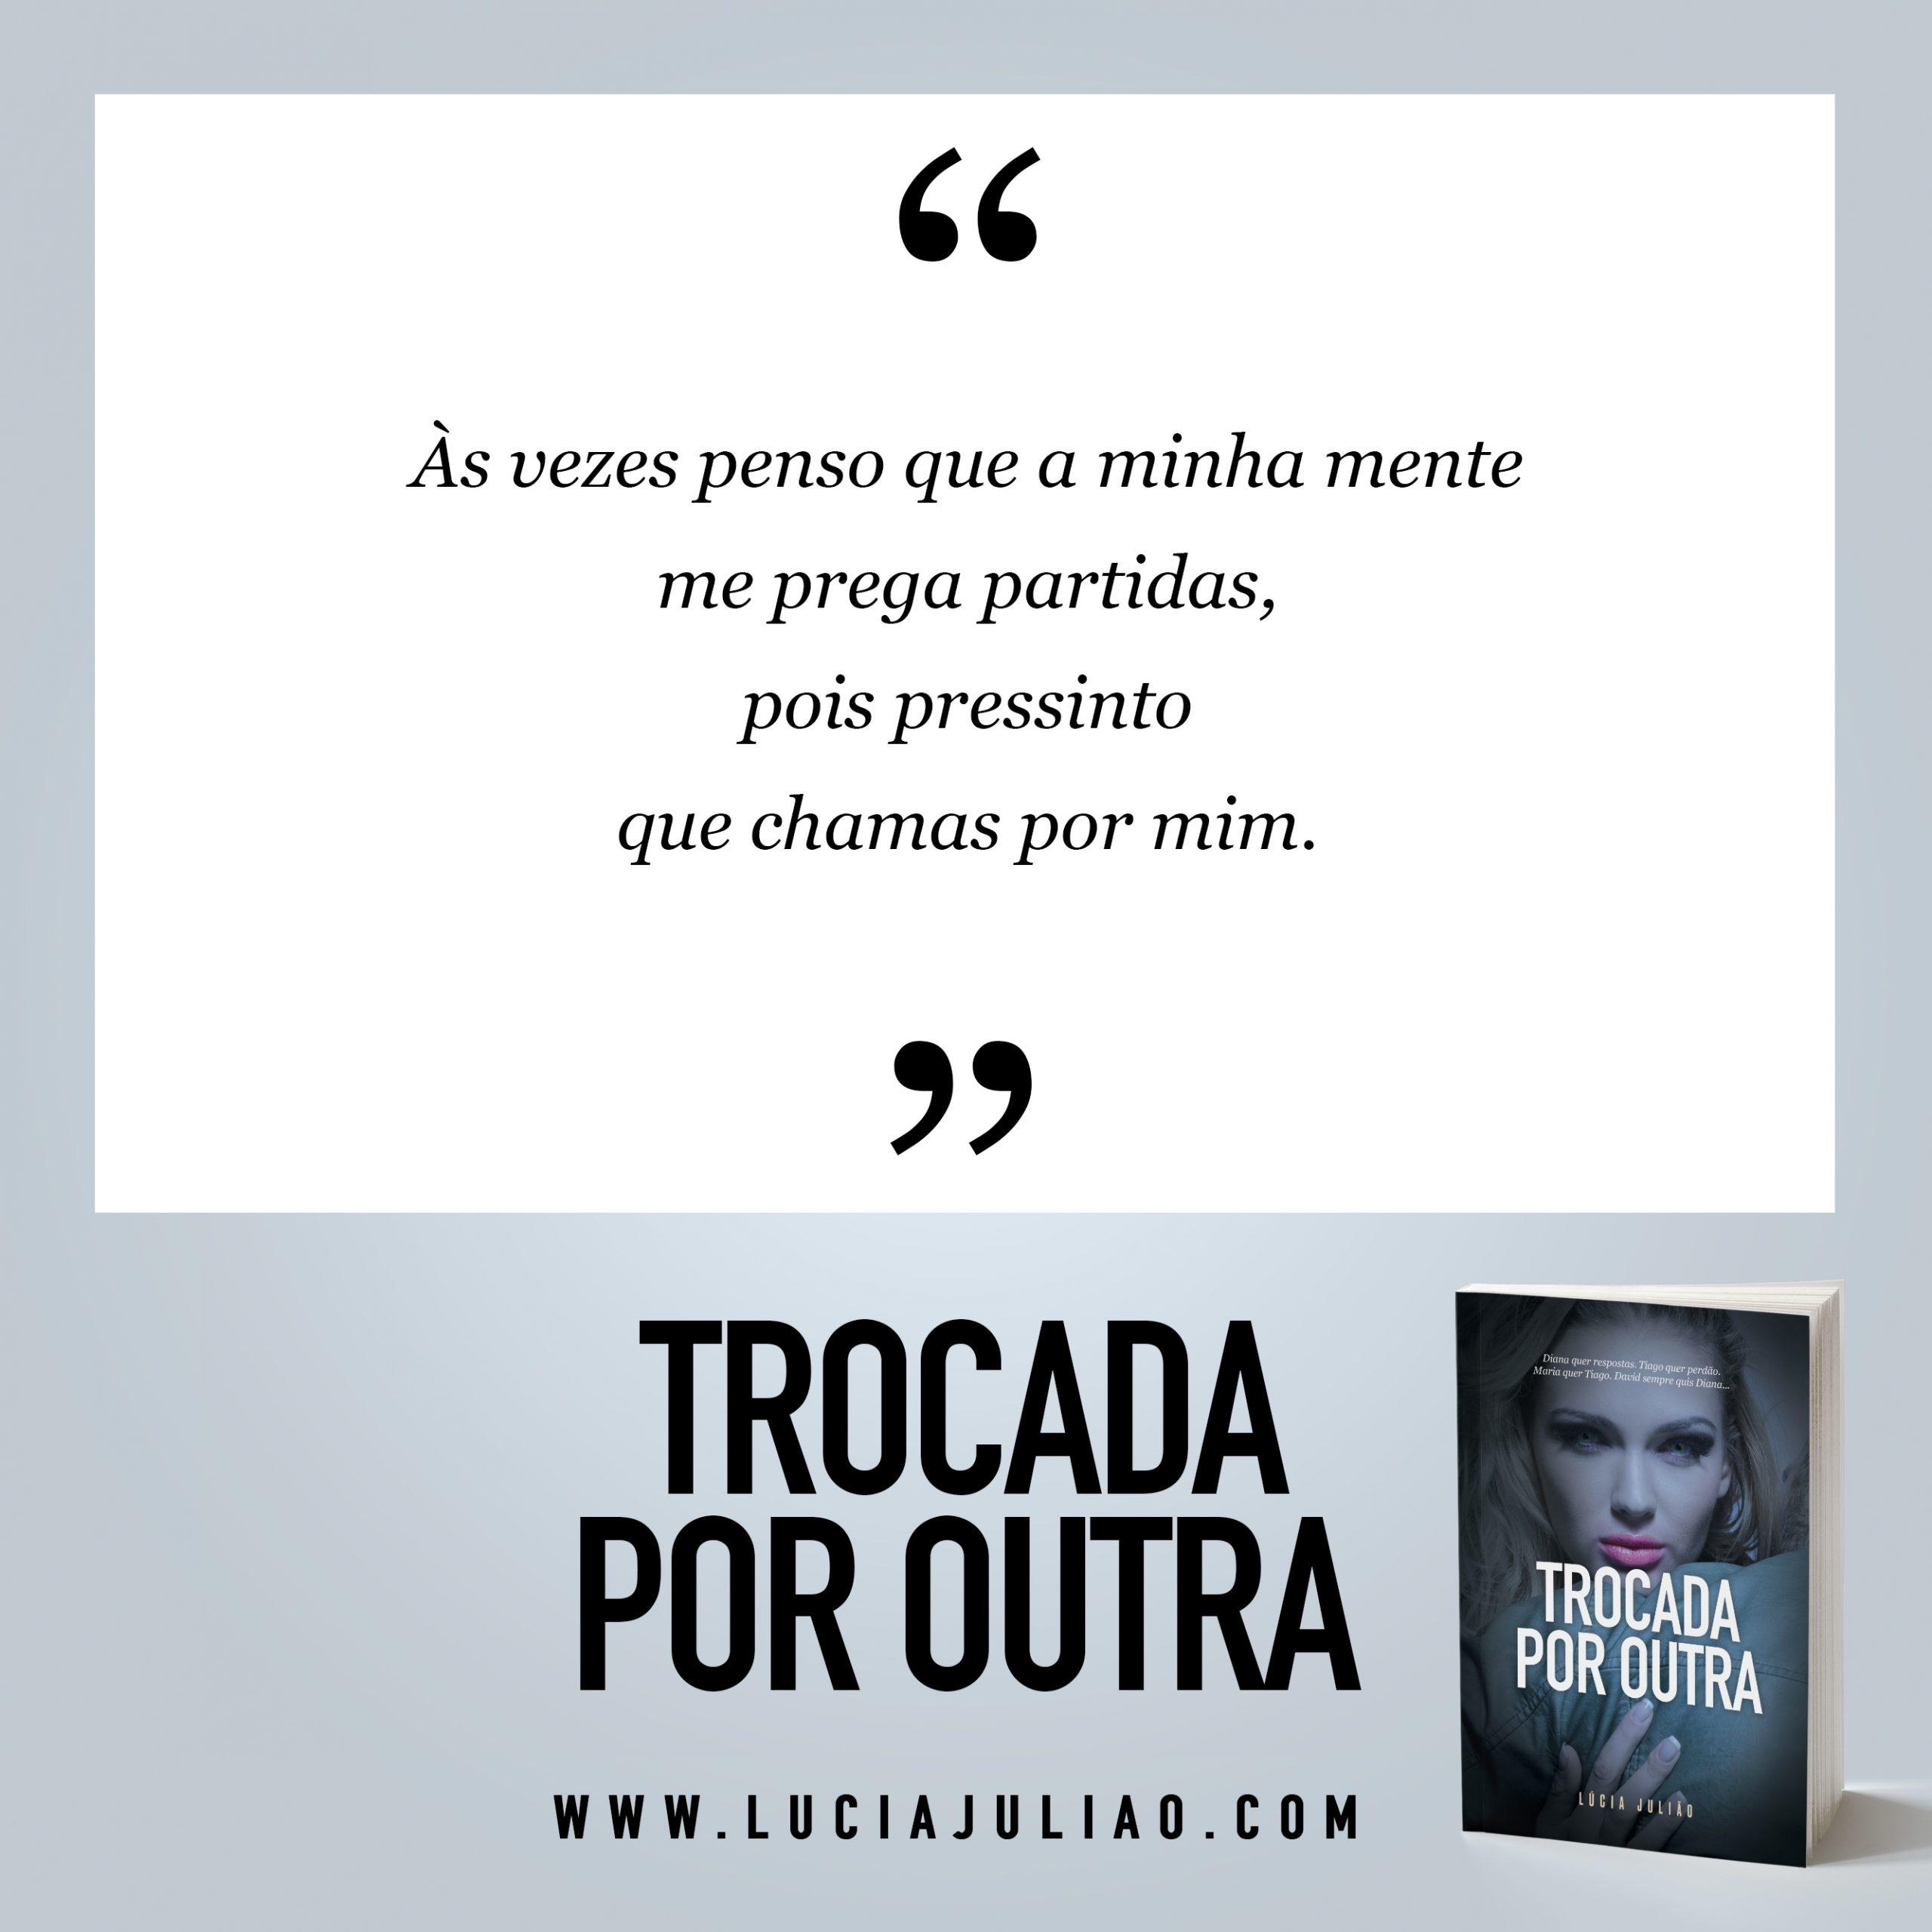 055Q - capitulo 19 Trocada por outra - Lúcia Julião